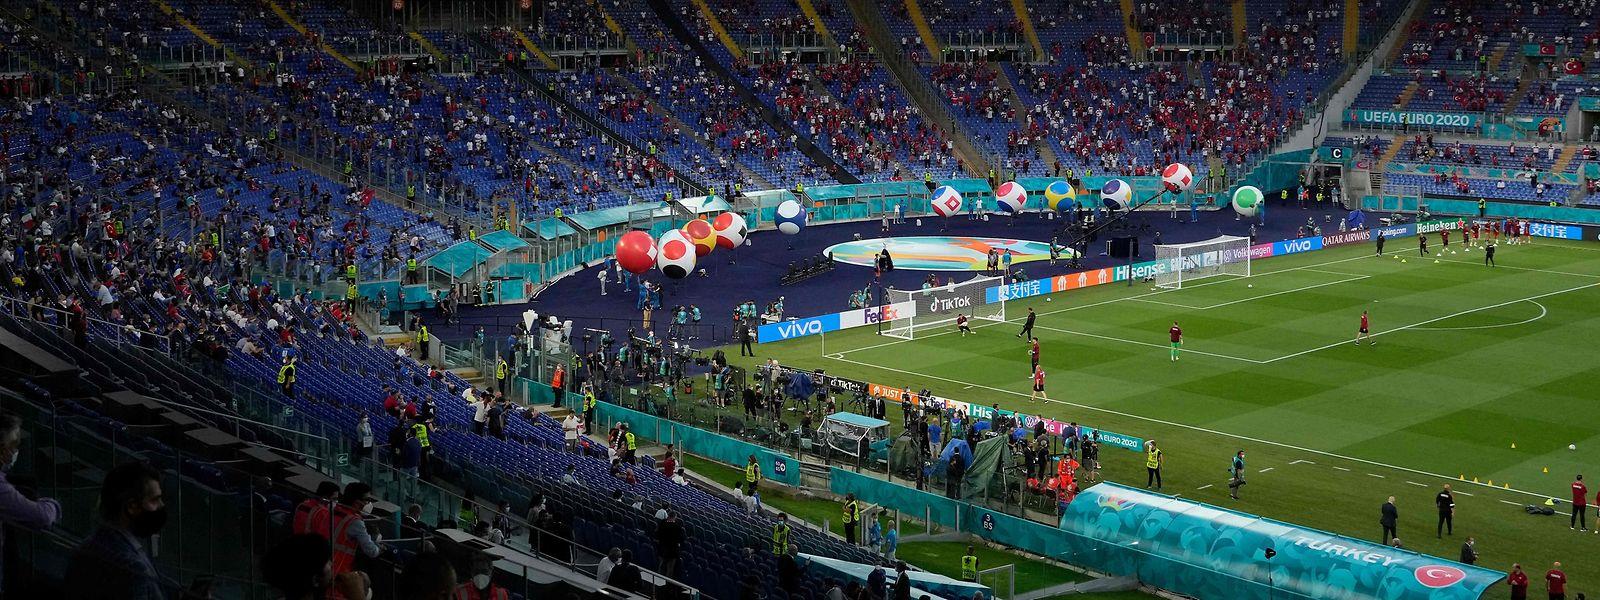 Beim Eröffungsspiel zwischen Italien und der Türkei (3:0) waren fast 18.000 Fans im Stadion in Rom.